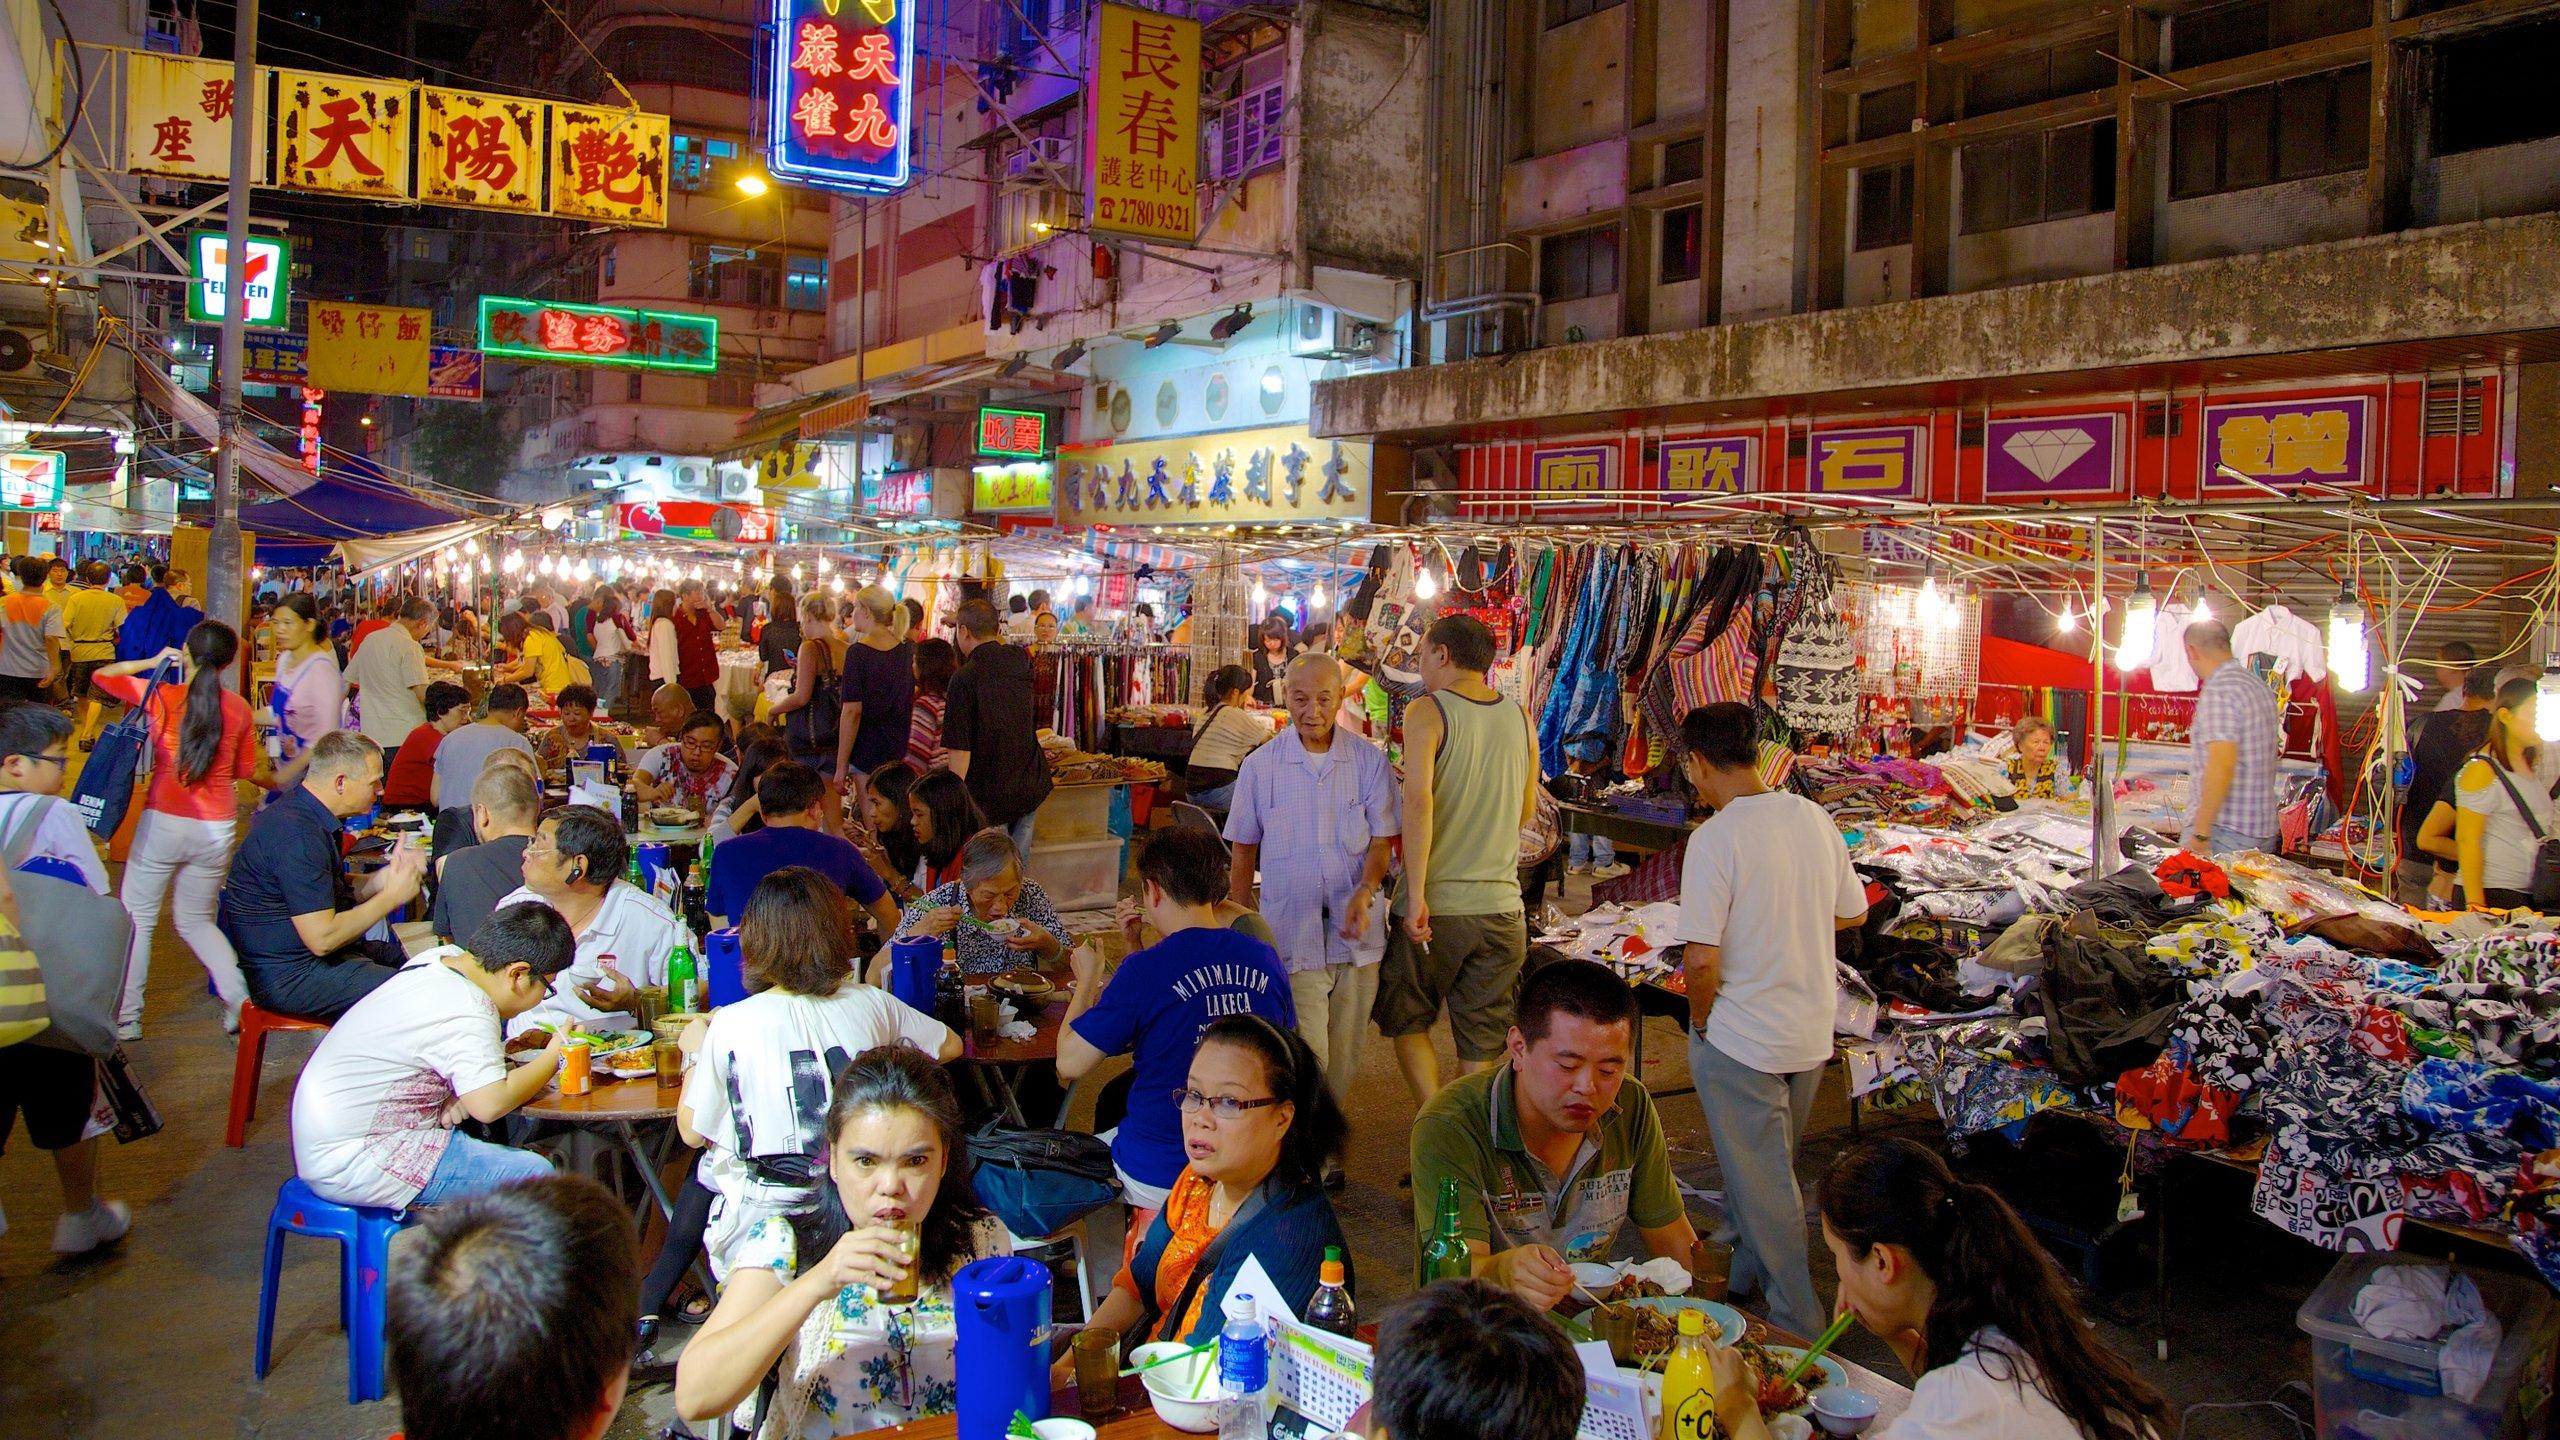 Kowloon, Hongkong SAR